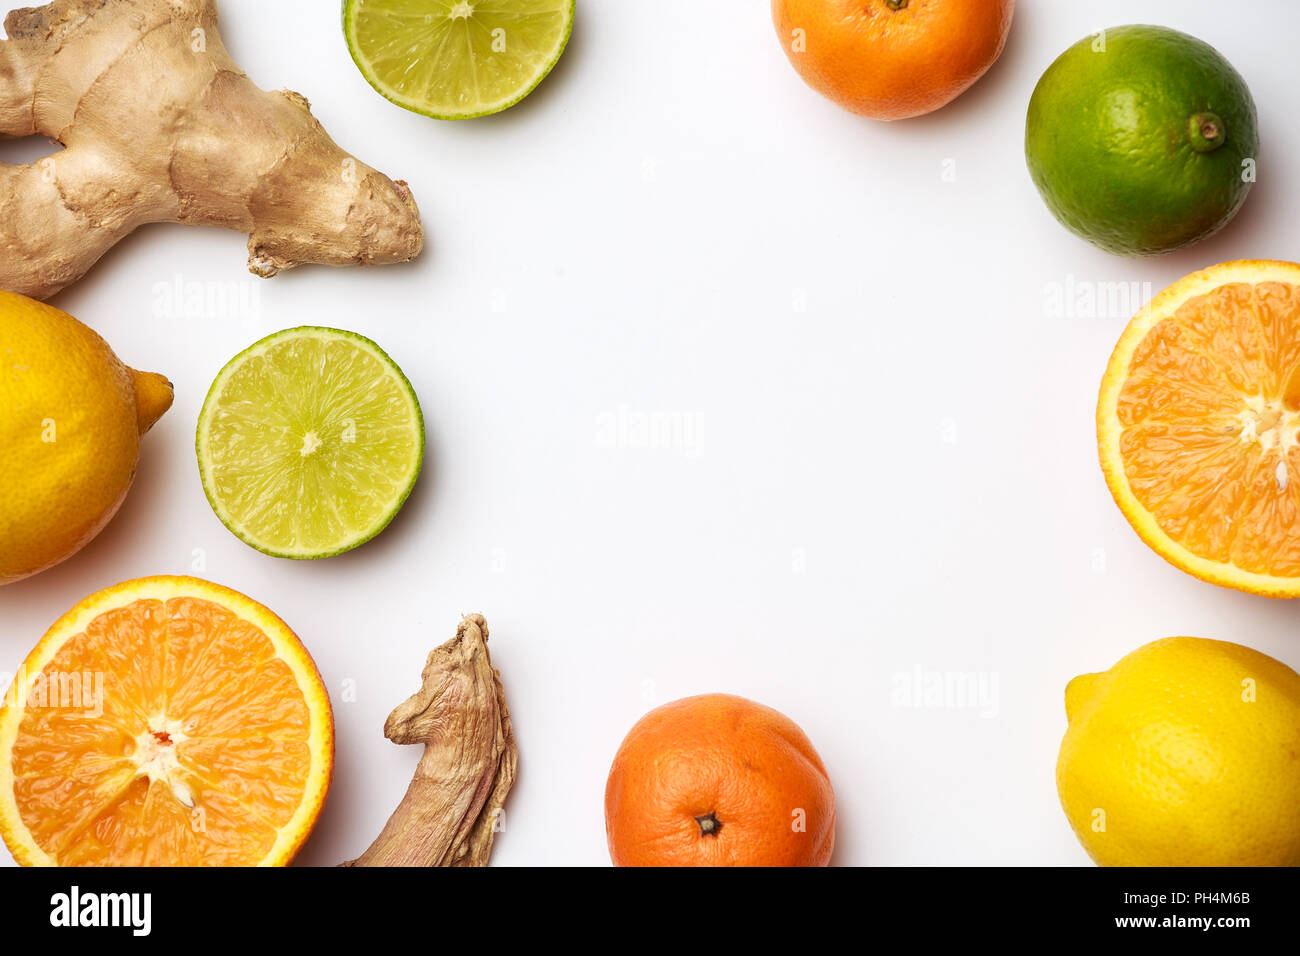 Image of ginger, lemon, oranges on white background - Stock Image